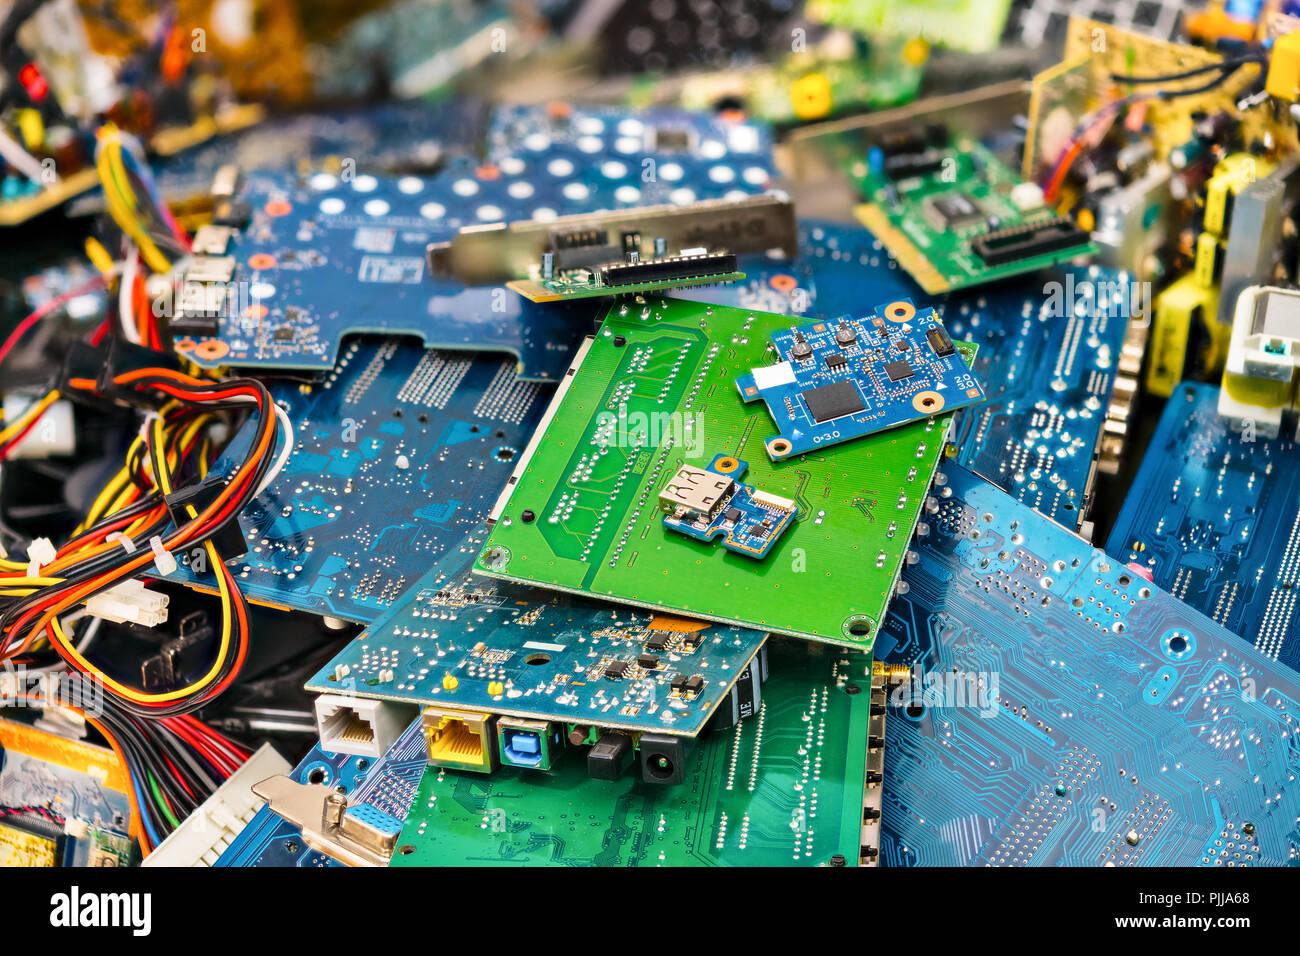 Montón de la basura electrónica. Descarta las piezas portátiles. Conectores PCB, portátiles, tarjetas. Colorido fondo borroso. Los componentes de la PC. Eliminación de desechos electrónicos, la industria. Imagen De Stock